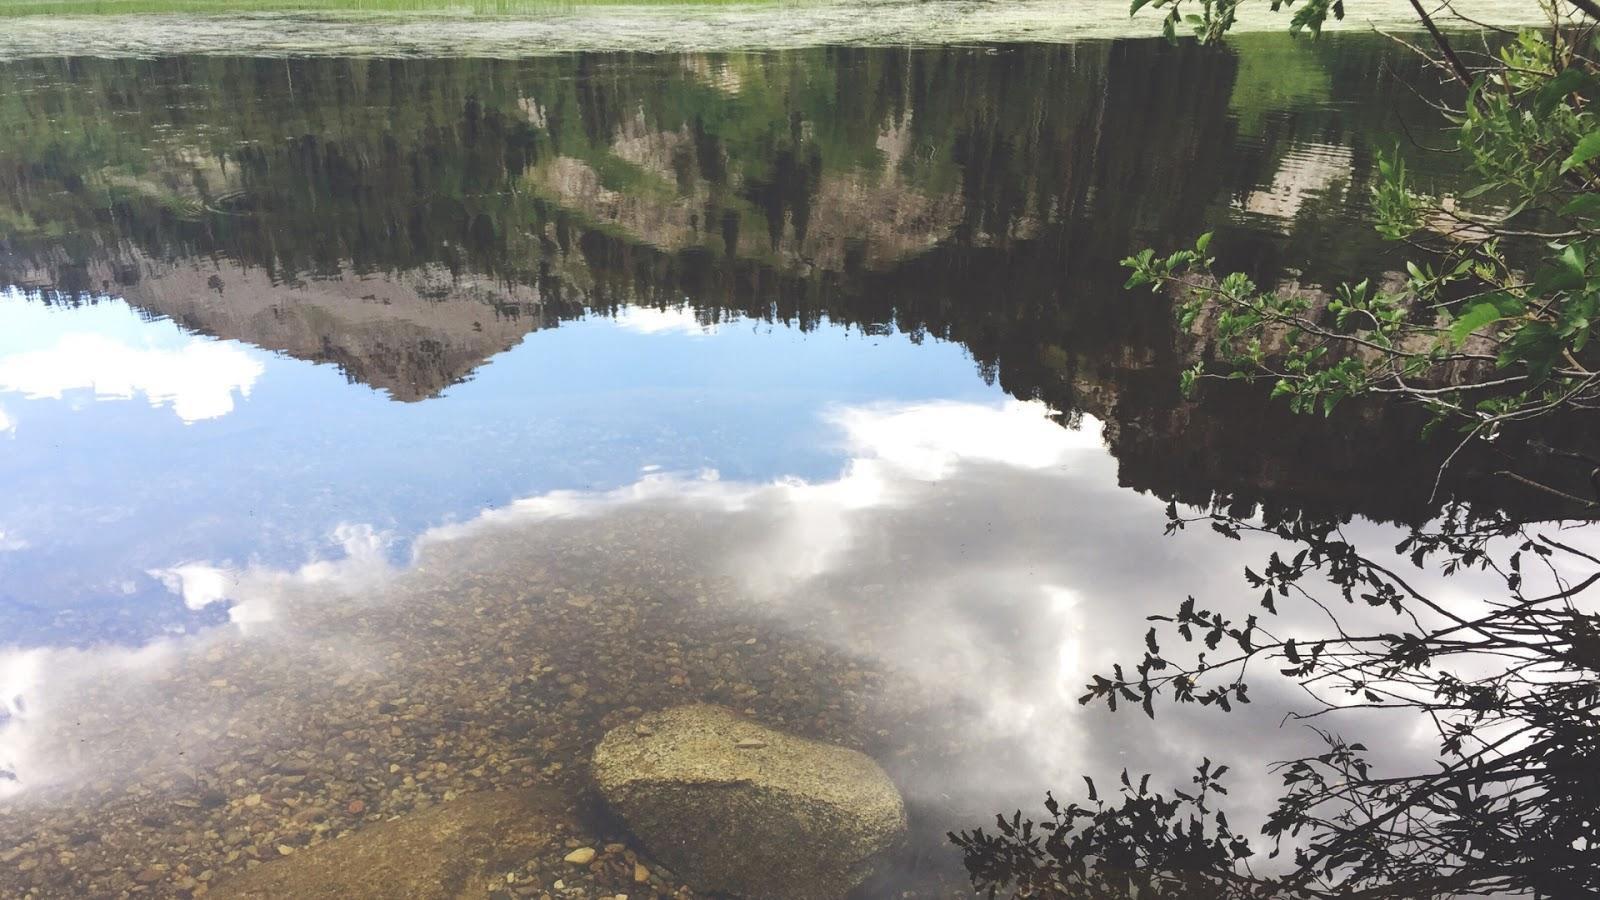 Water Reflection Desktop Wallpaper Downloads // www.thejoyblog.net